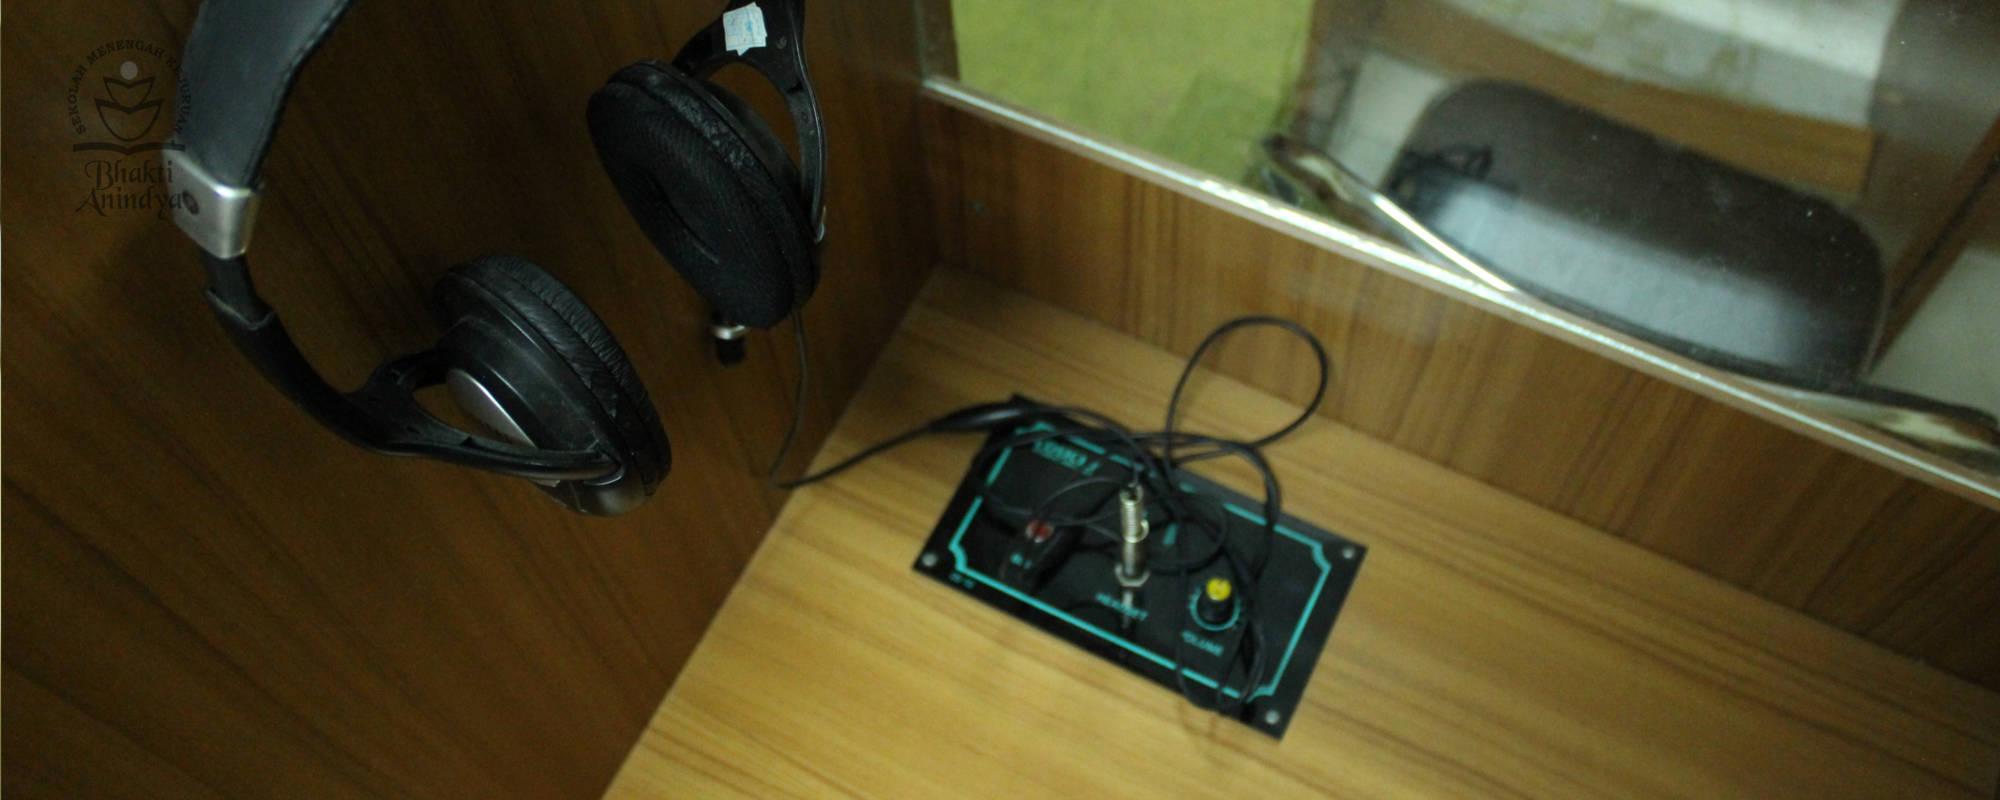 Fasilitas amplifier di Lab Bahasa SMK Bhakti Anindya Tangerang